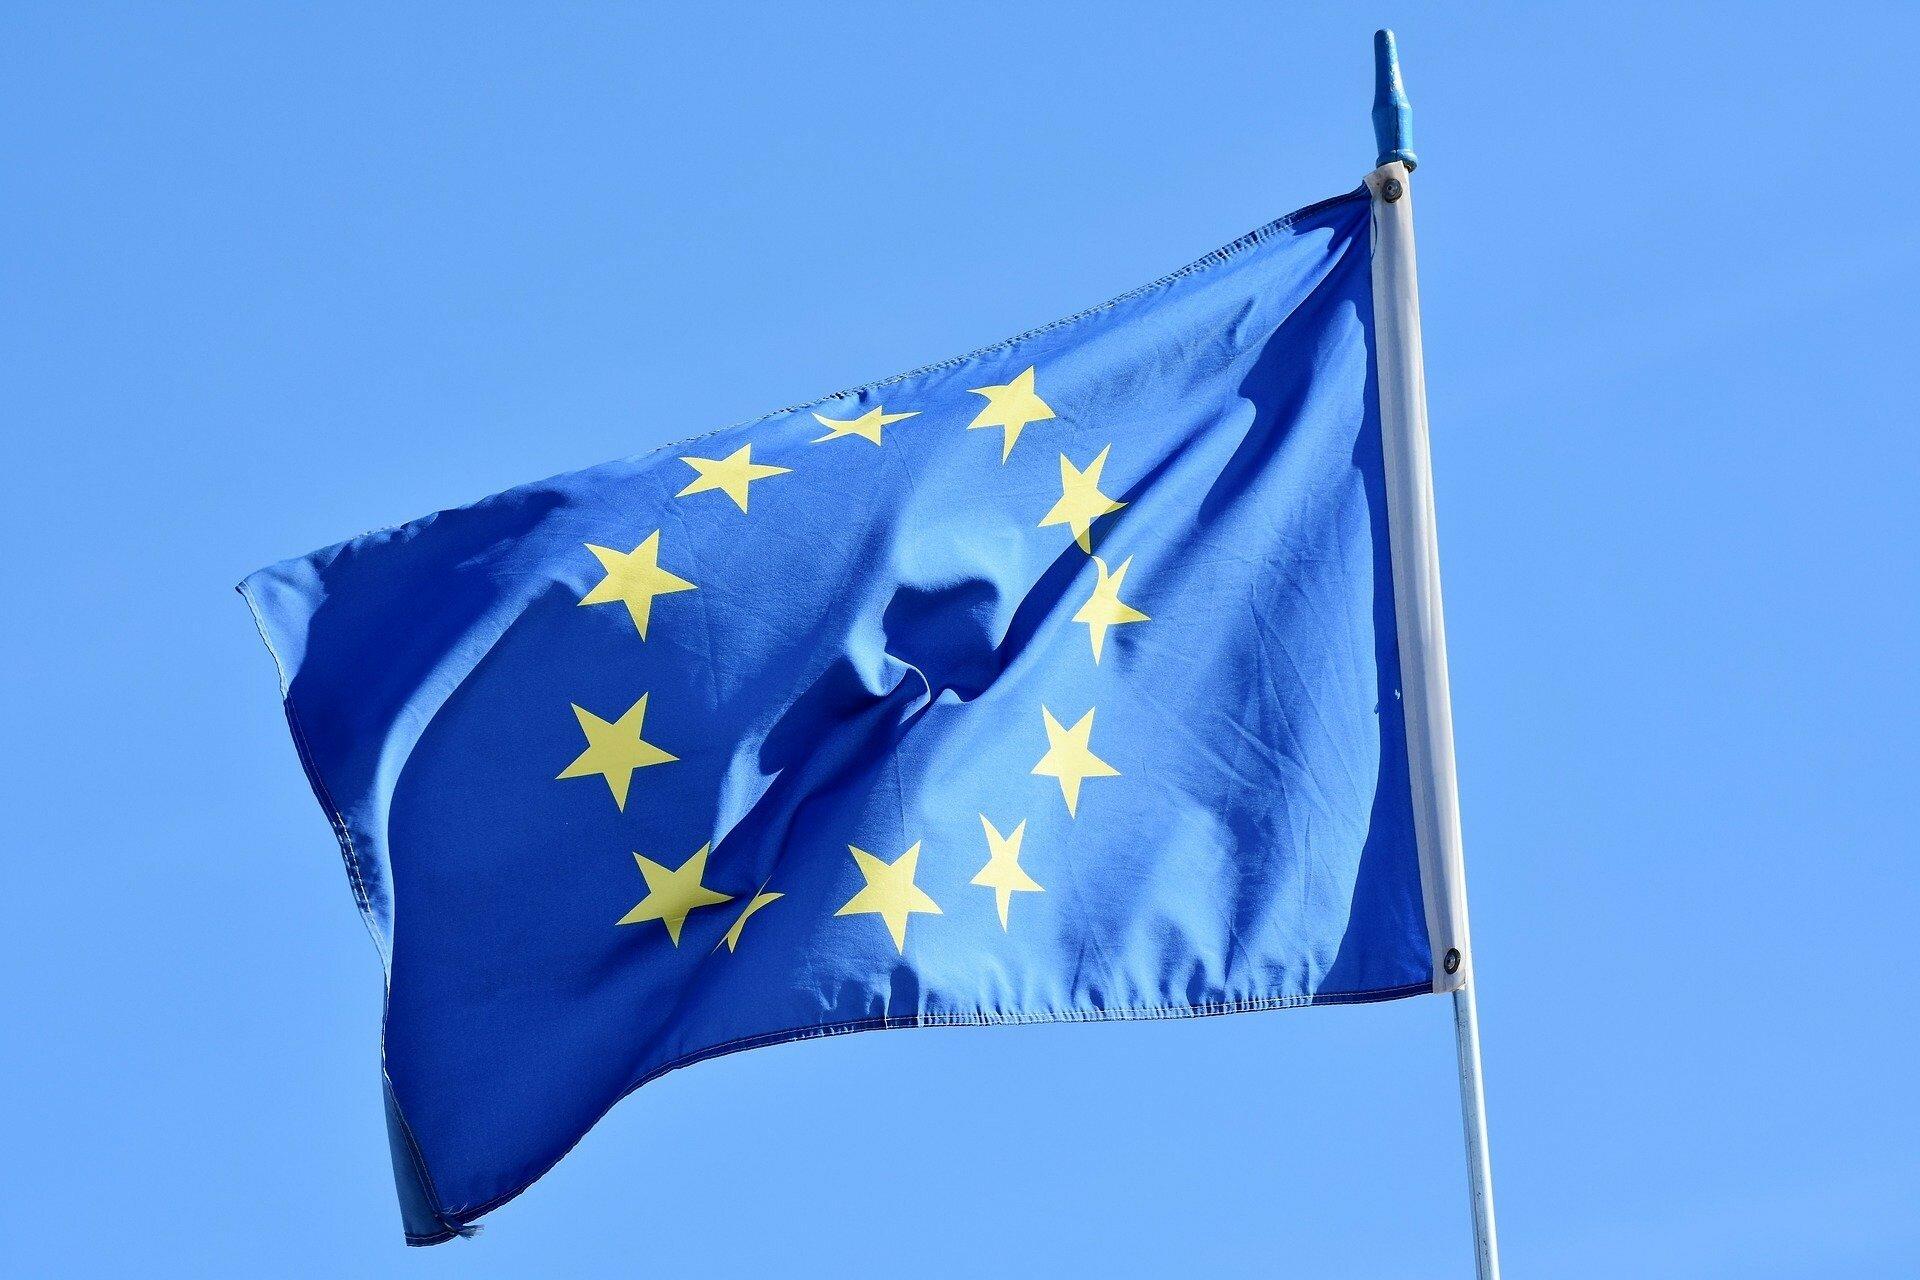 Министры иностранных дел ЕС обсудят эскалацию на Донбассе